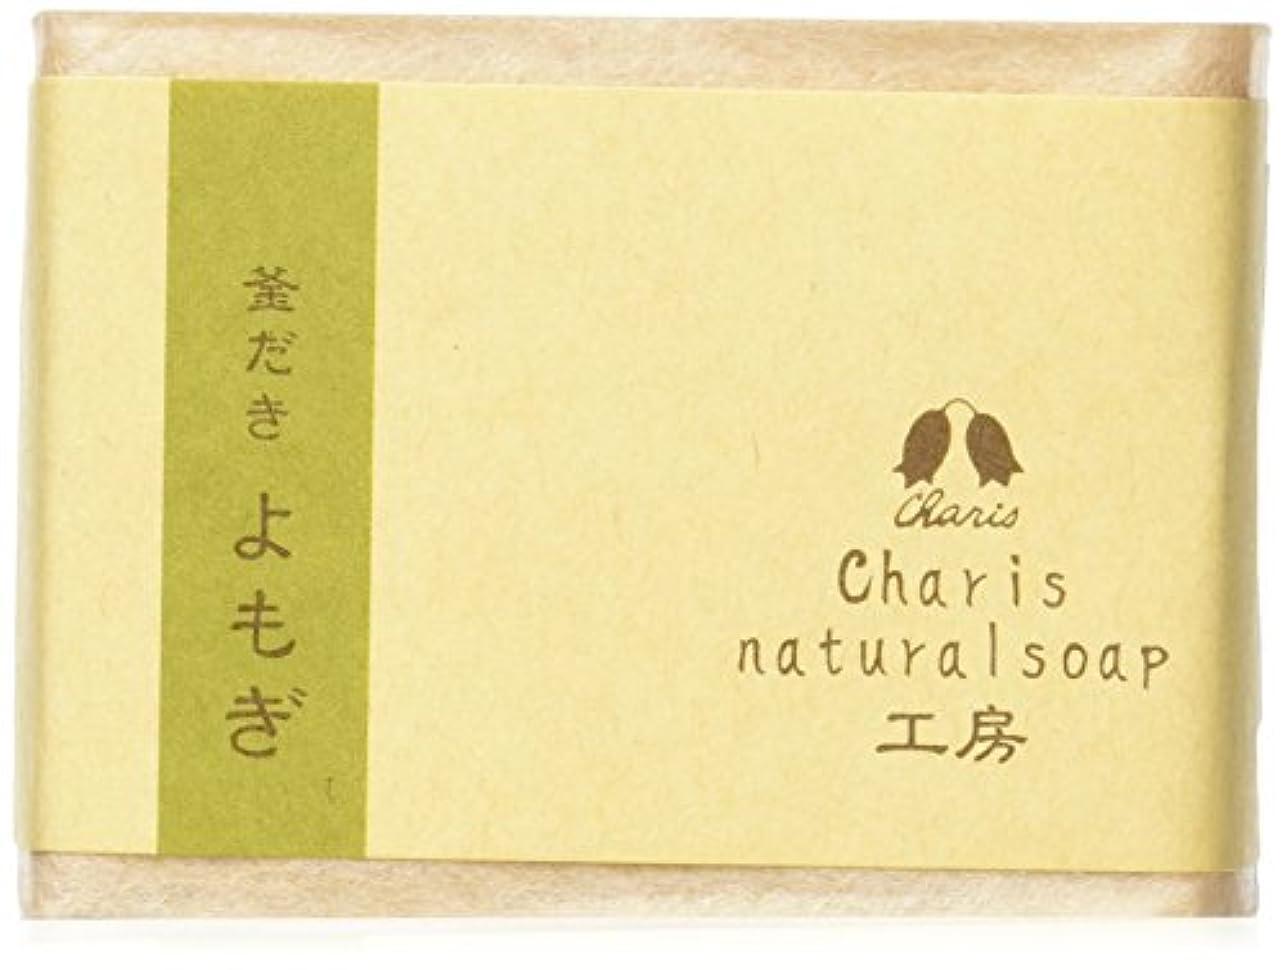 タフママ風刺カリス ナチュラルソープ工房 よもぎ石鹸 130g [釜炊き製法]